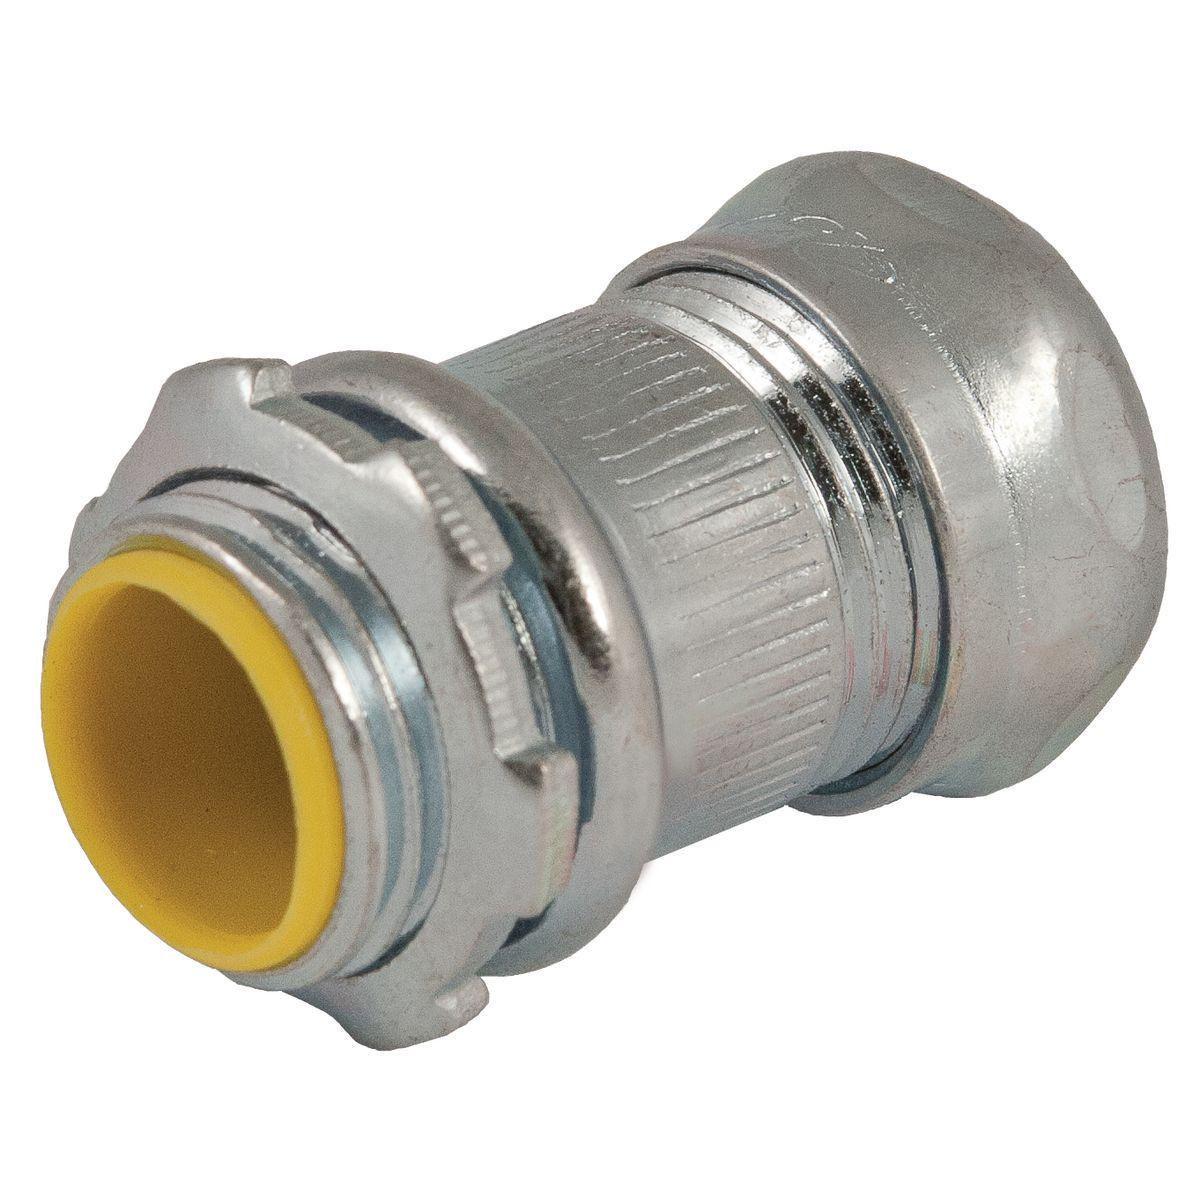 EMT COMPR CONNECTOR INSUL 3/4 IN STEEL